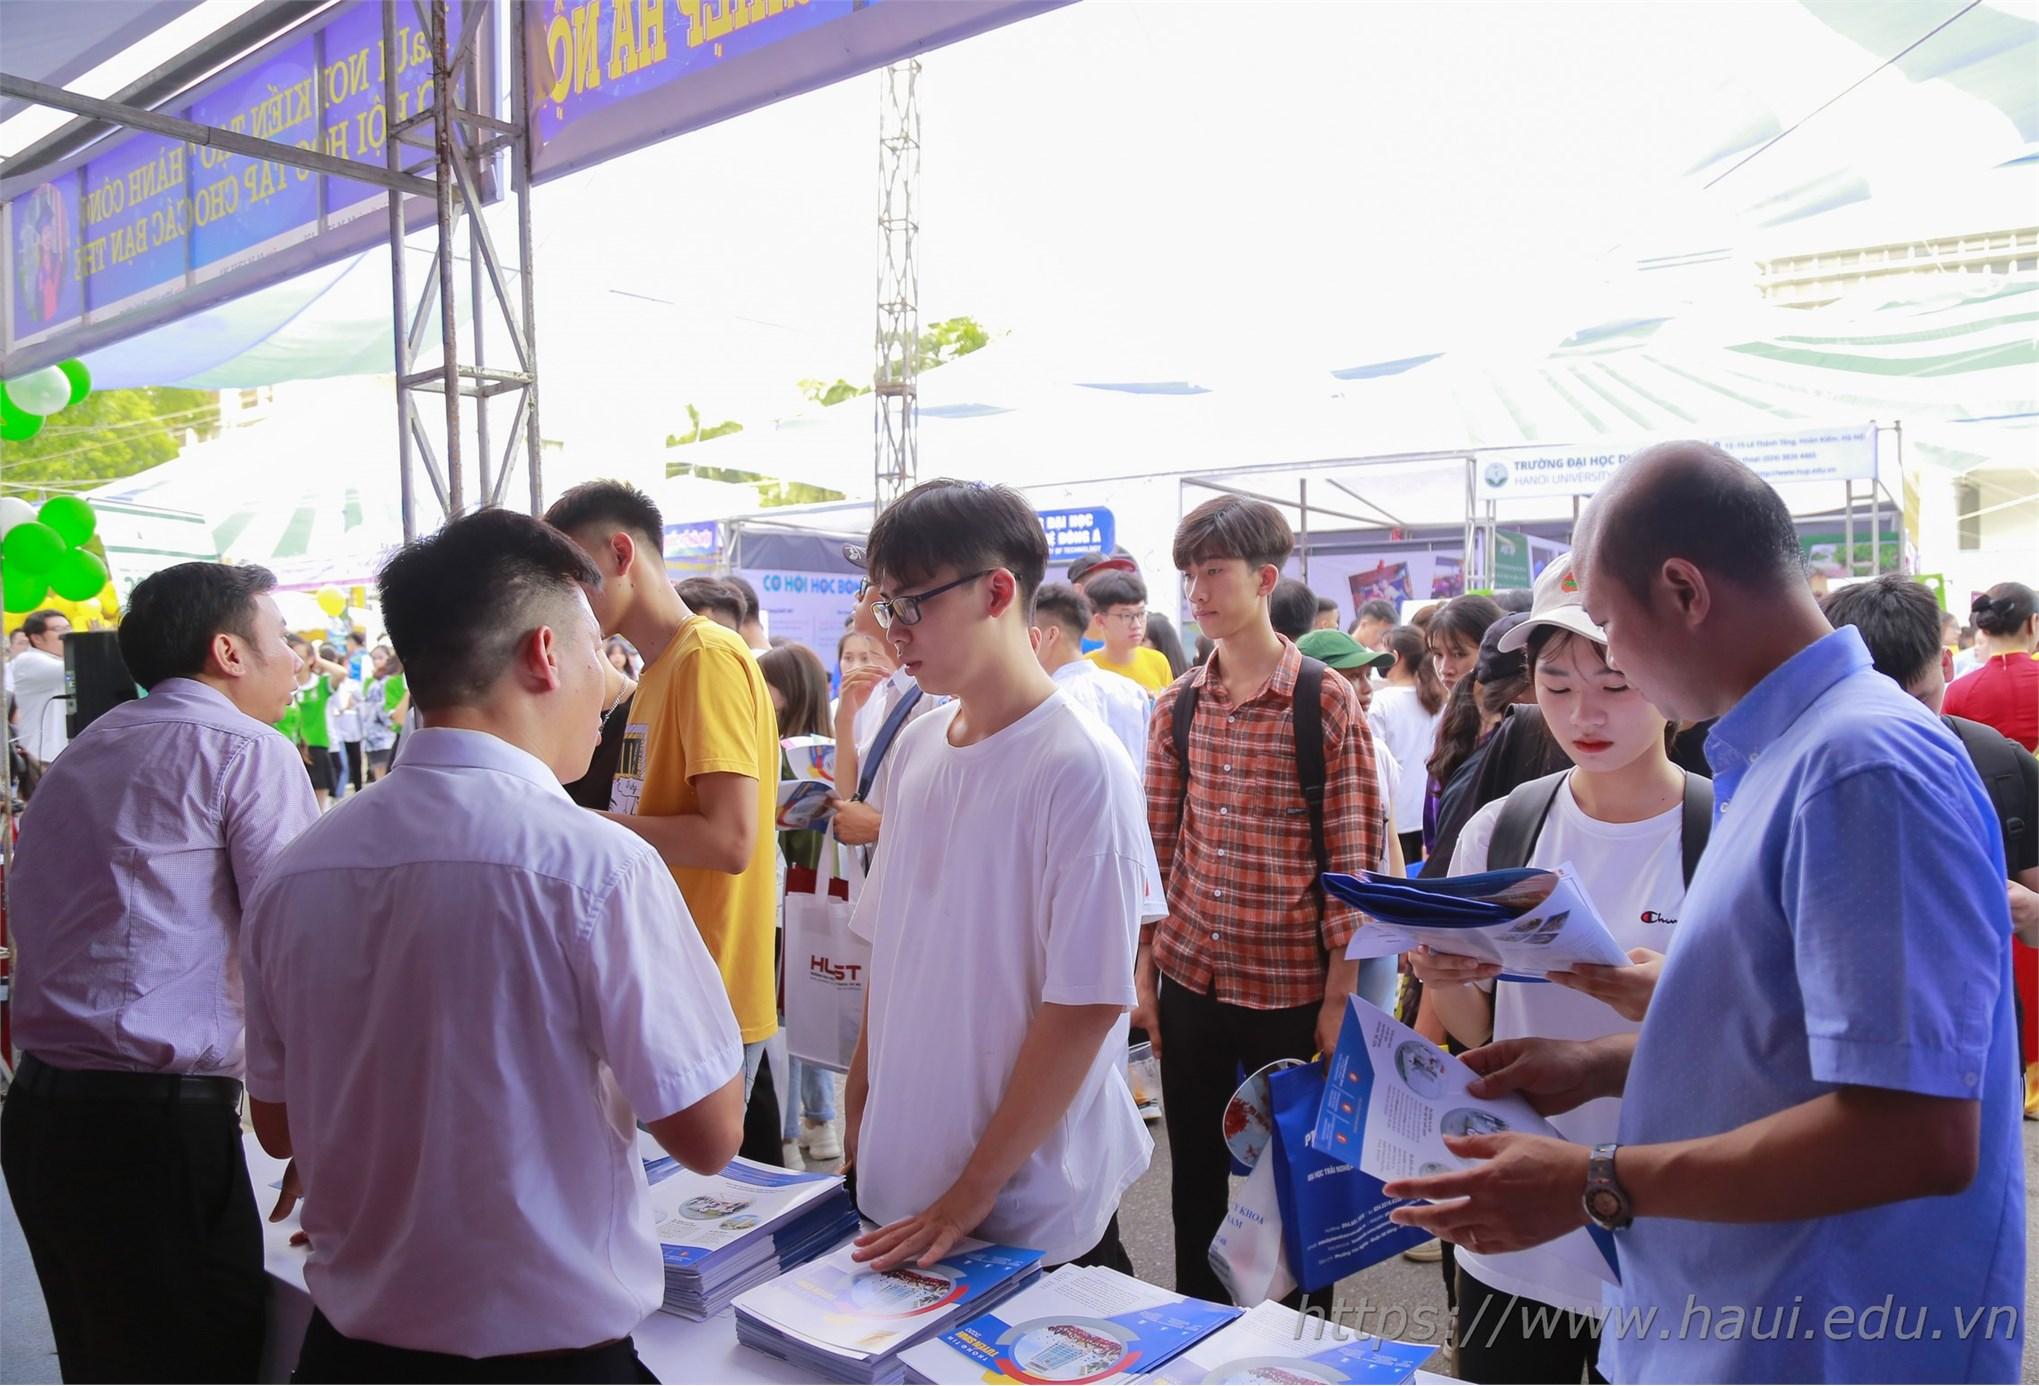 Đại học Công nghiệp Hà Nam tham gia Ngày hội Tư vấn tuyển sinh - hướng nghiệp năm 2020